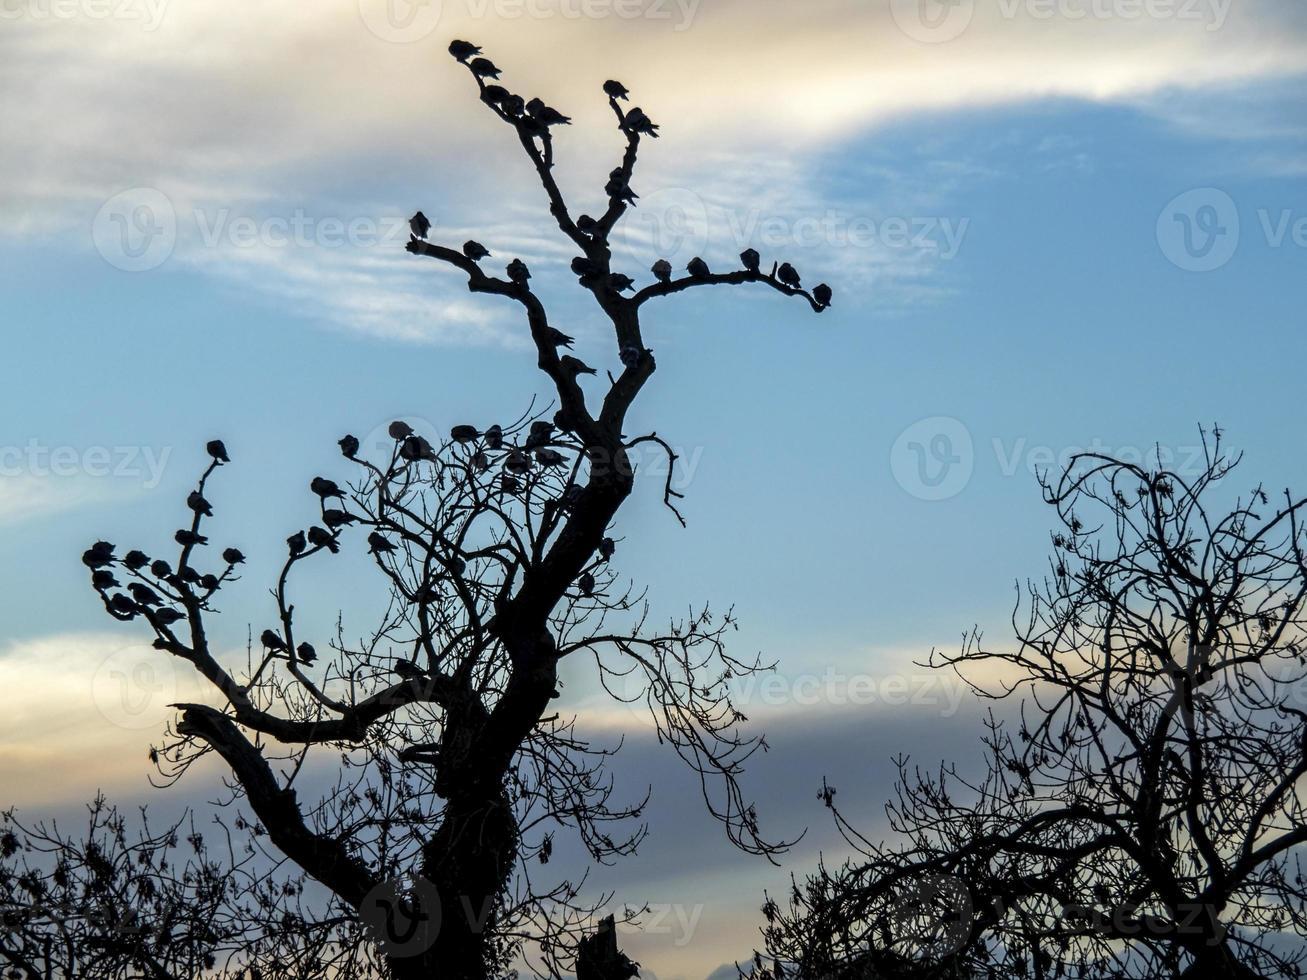 palomas posados en las ramas desnudas de un árbol viejo foto